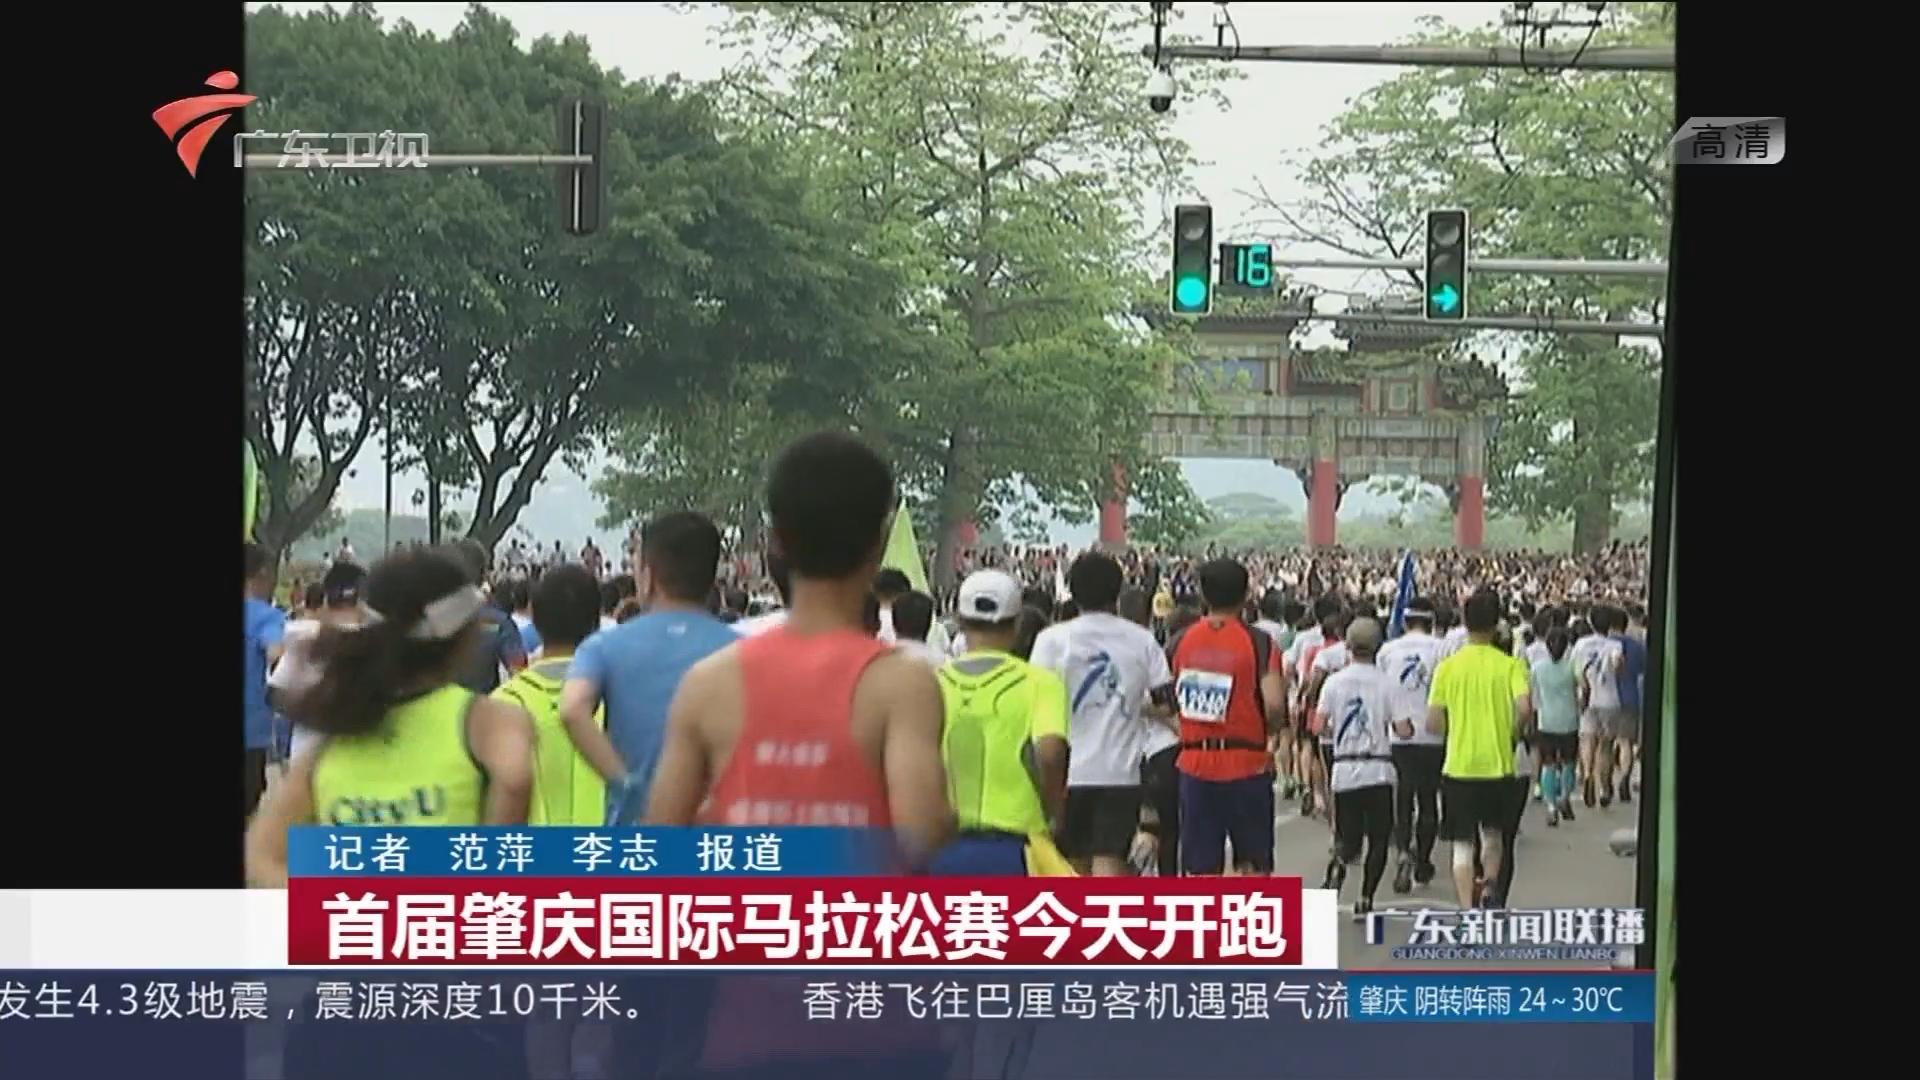 首屆肇慶國際馬拉松賽今天開跑